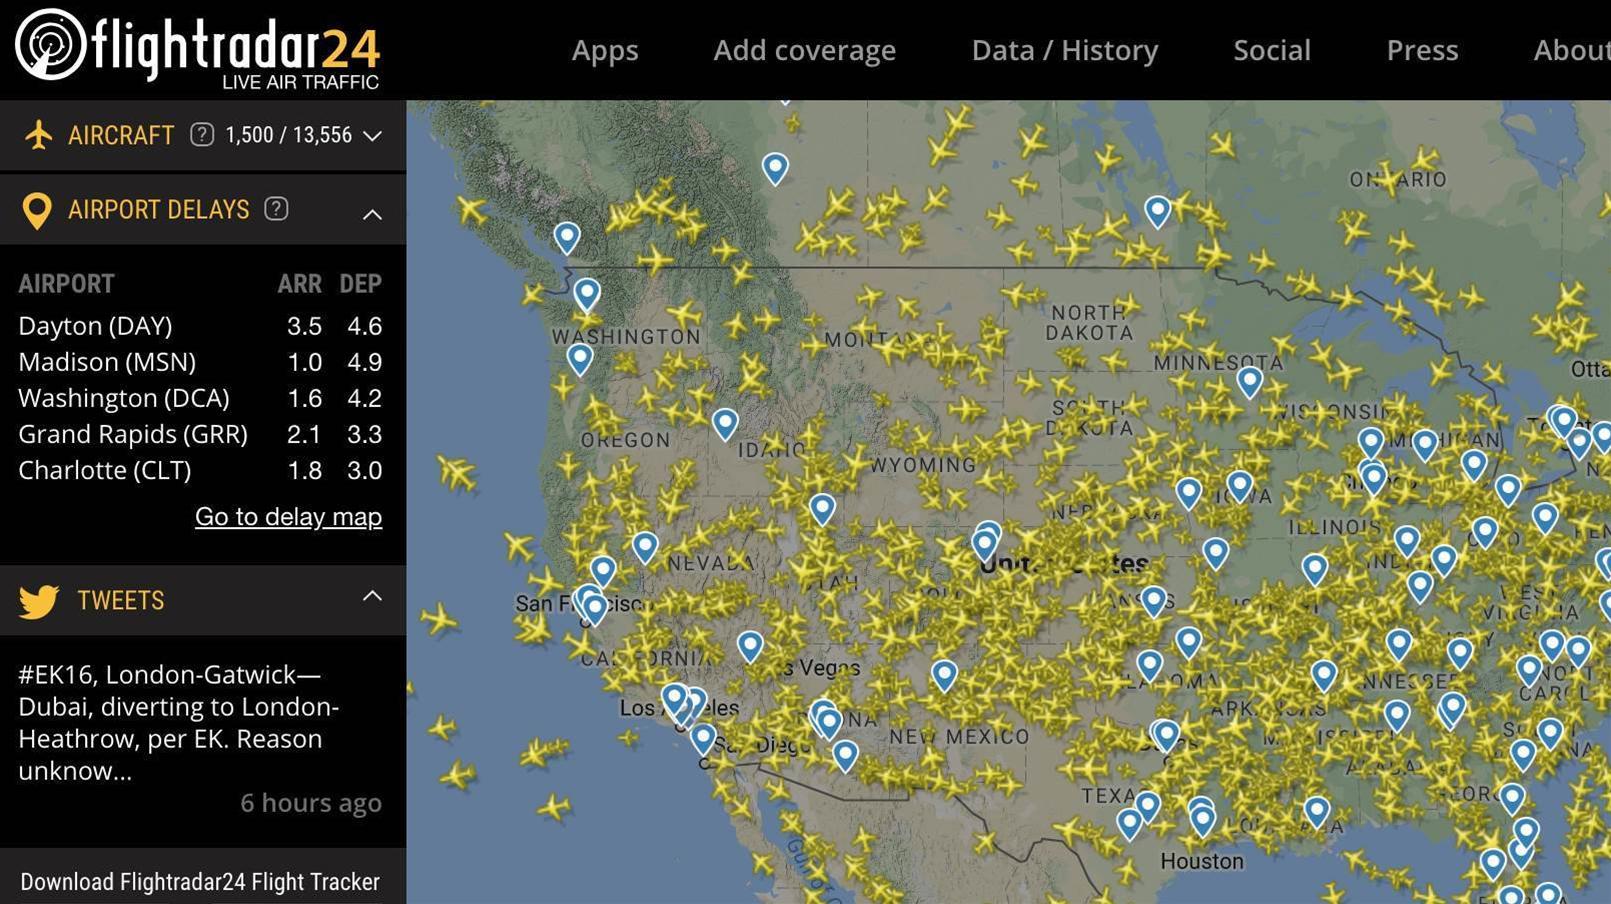 Flightradar24 suffers security breach